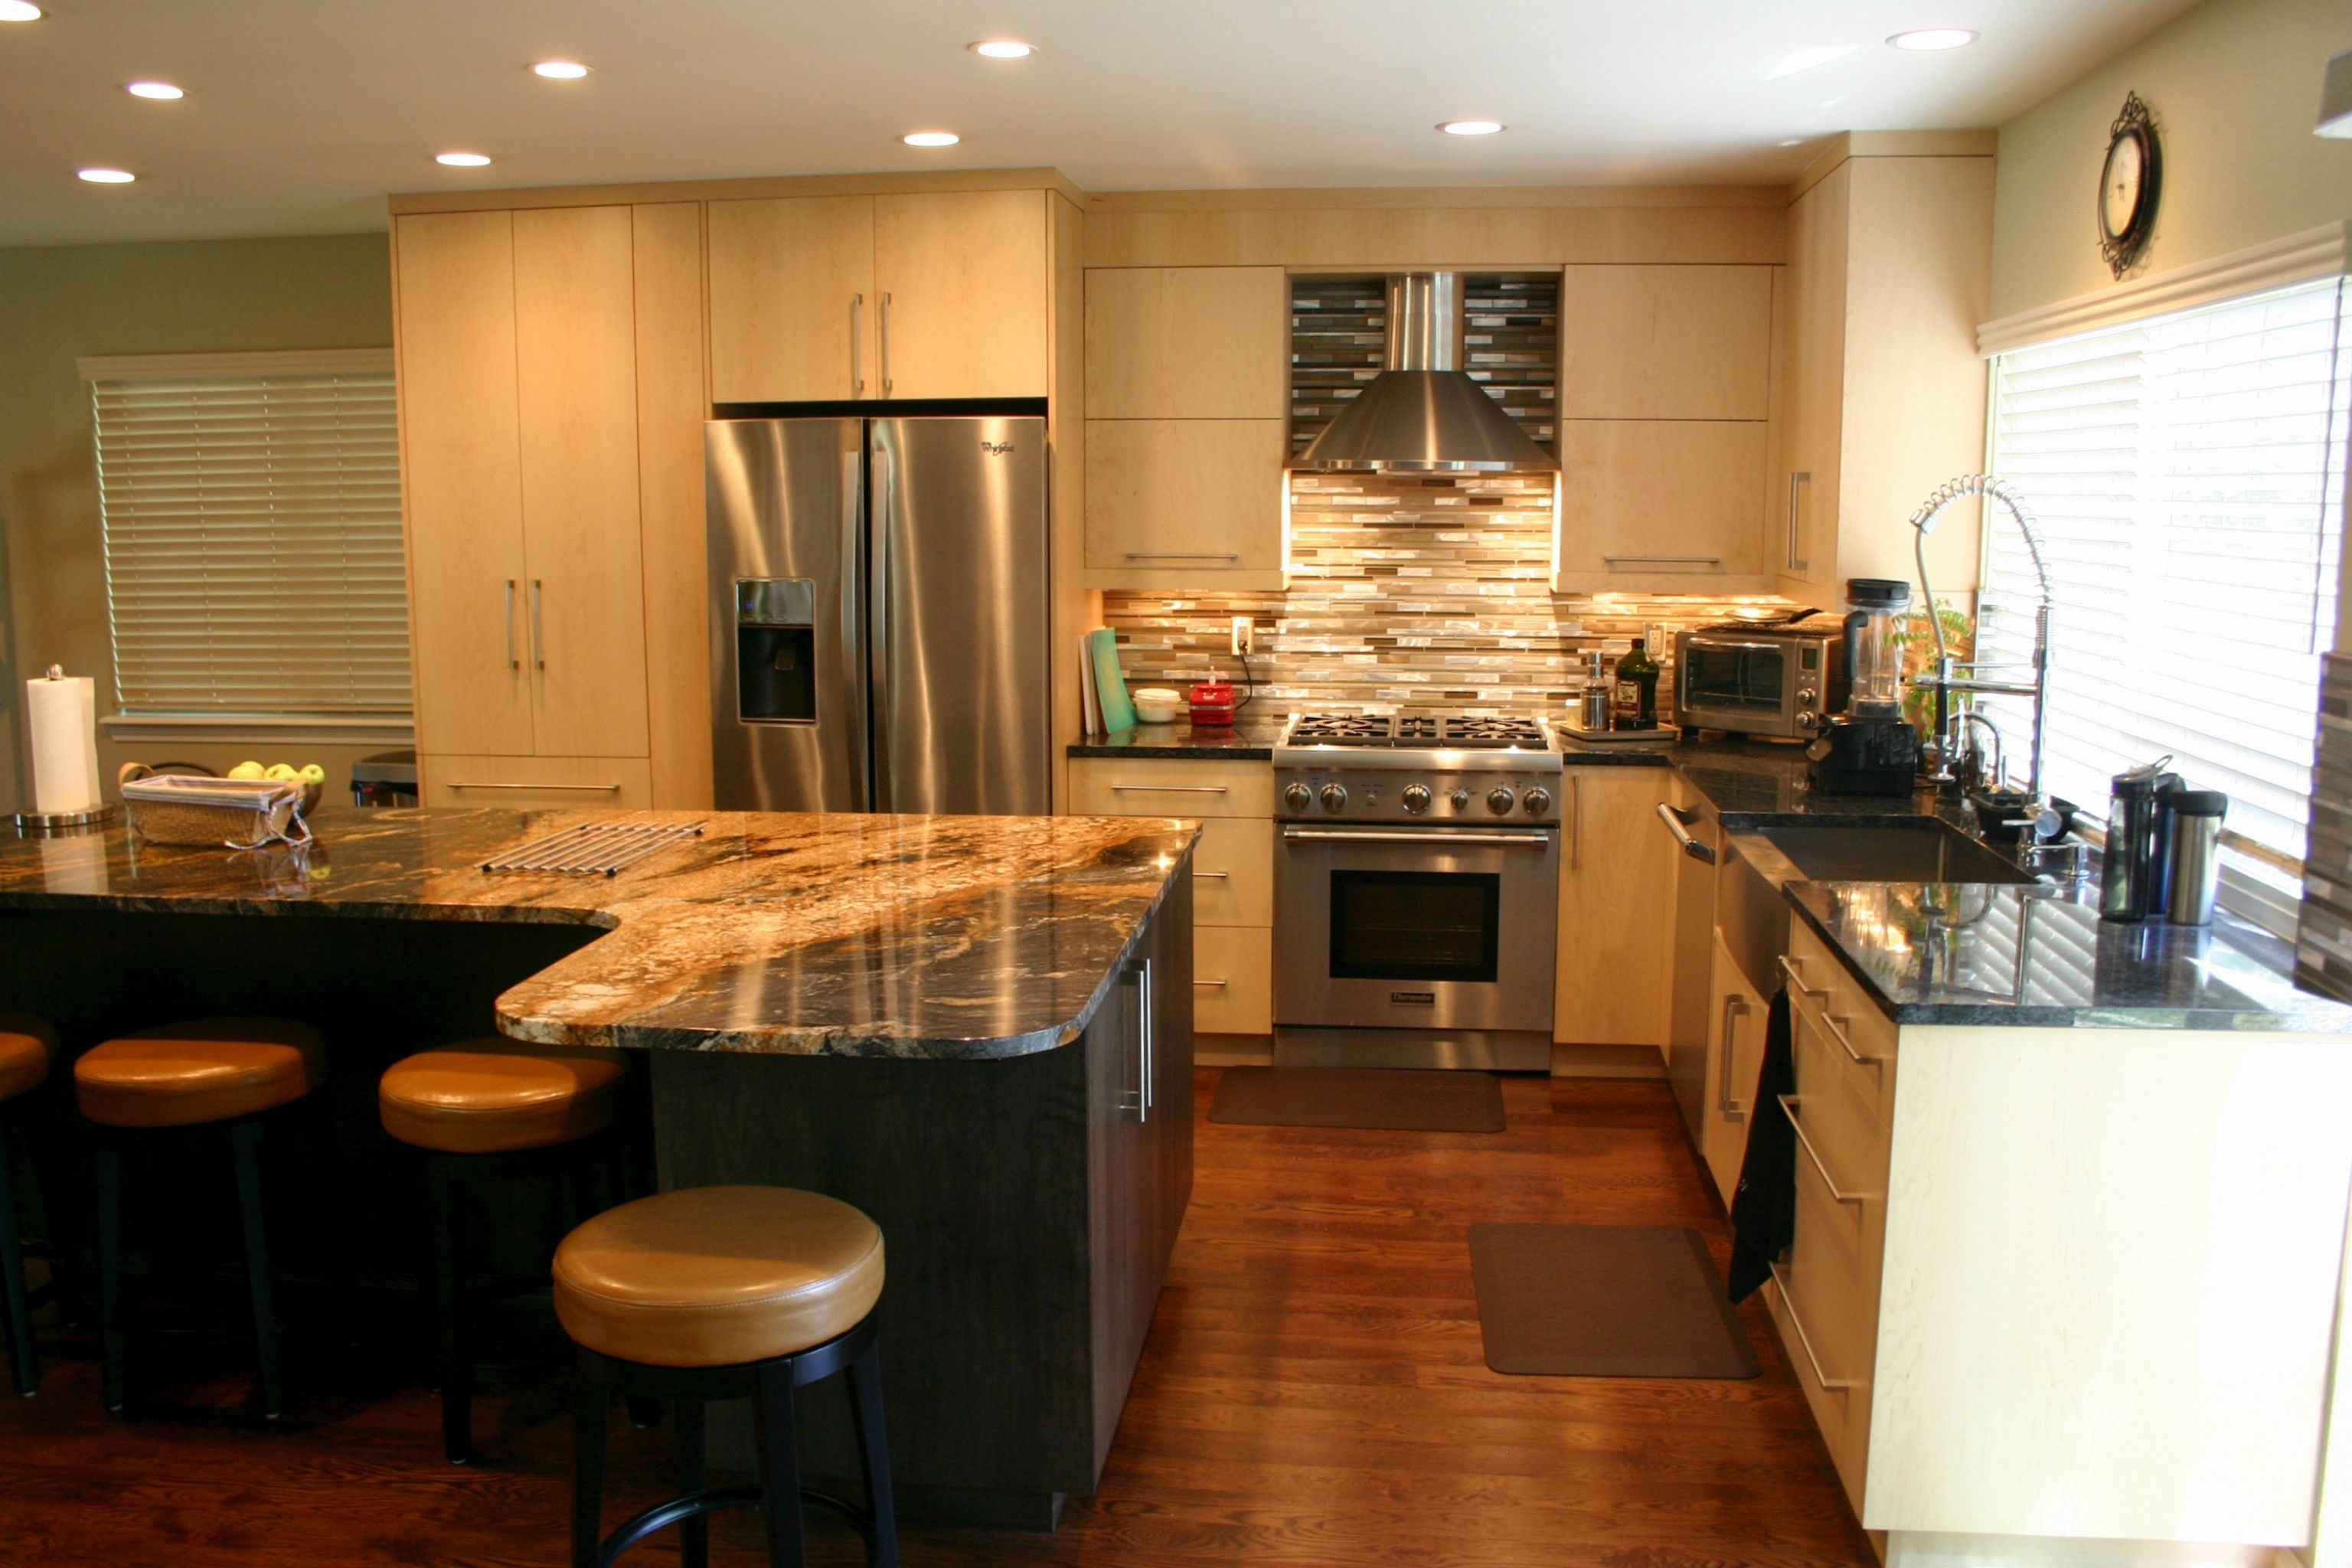 Superbe BKC Kitchen And Bath Denver Kitchen Remodel   Crystal Cabinet Works,  Current Product Line,